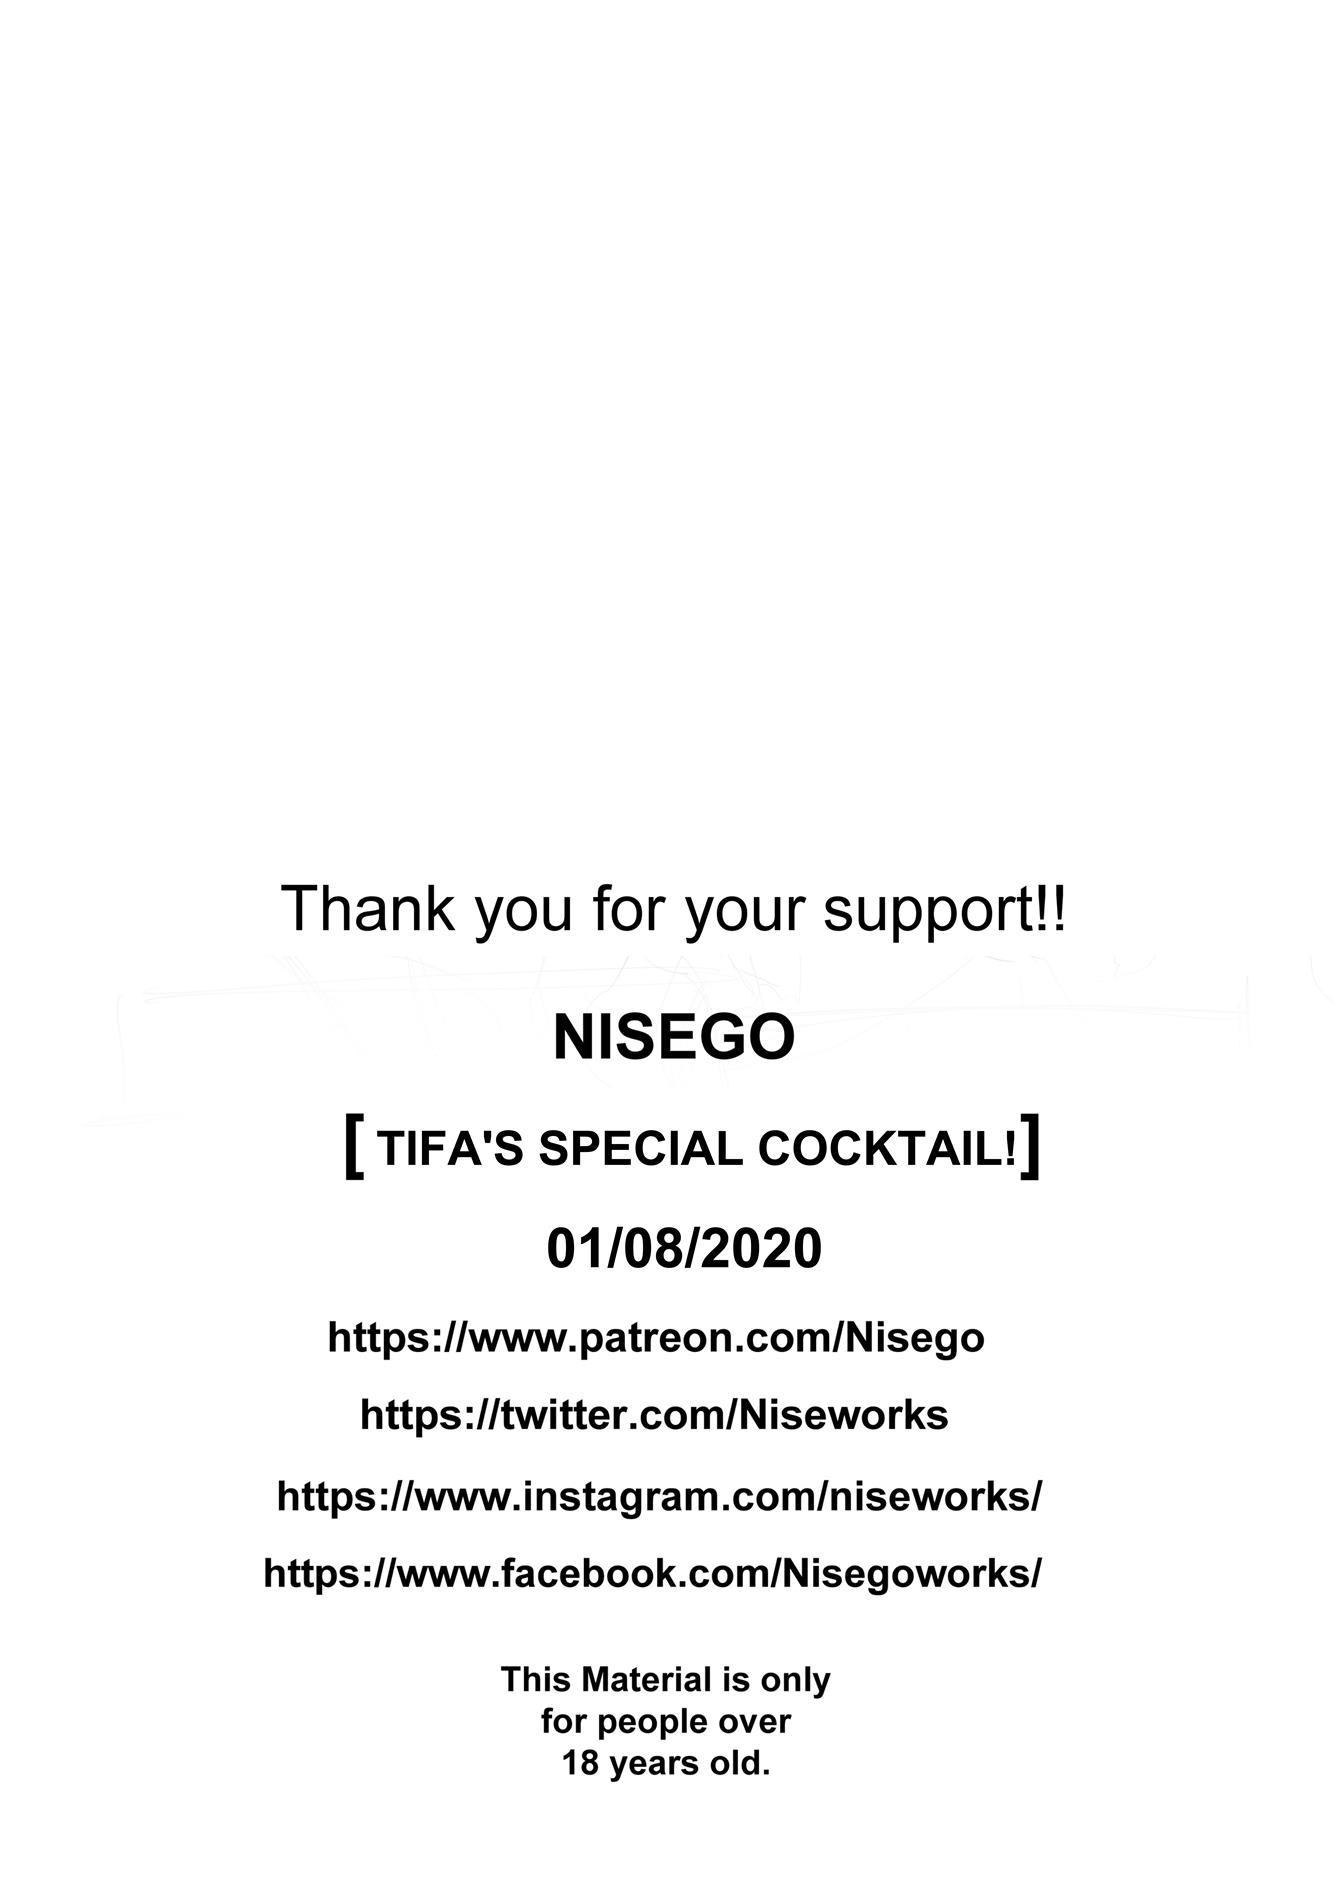 O drink surpresa de Tifa